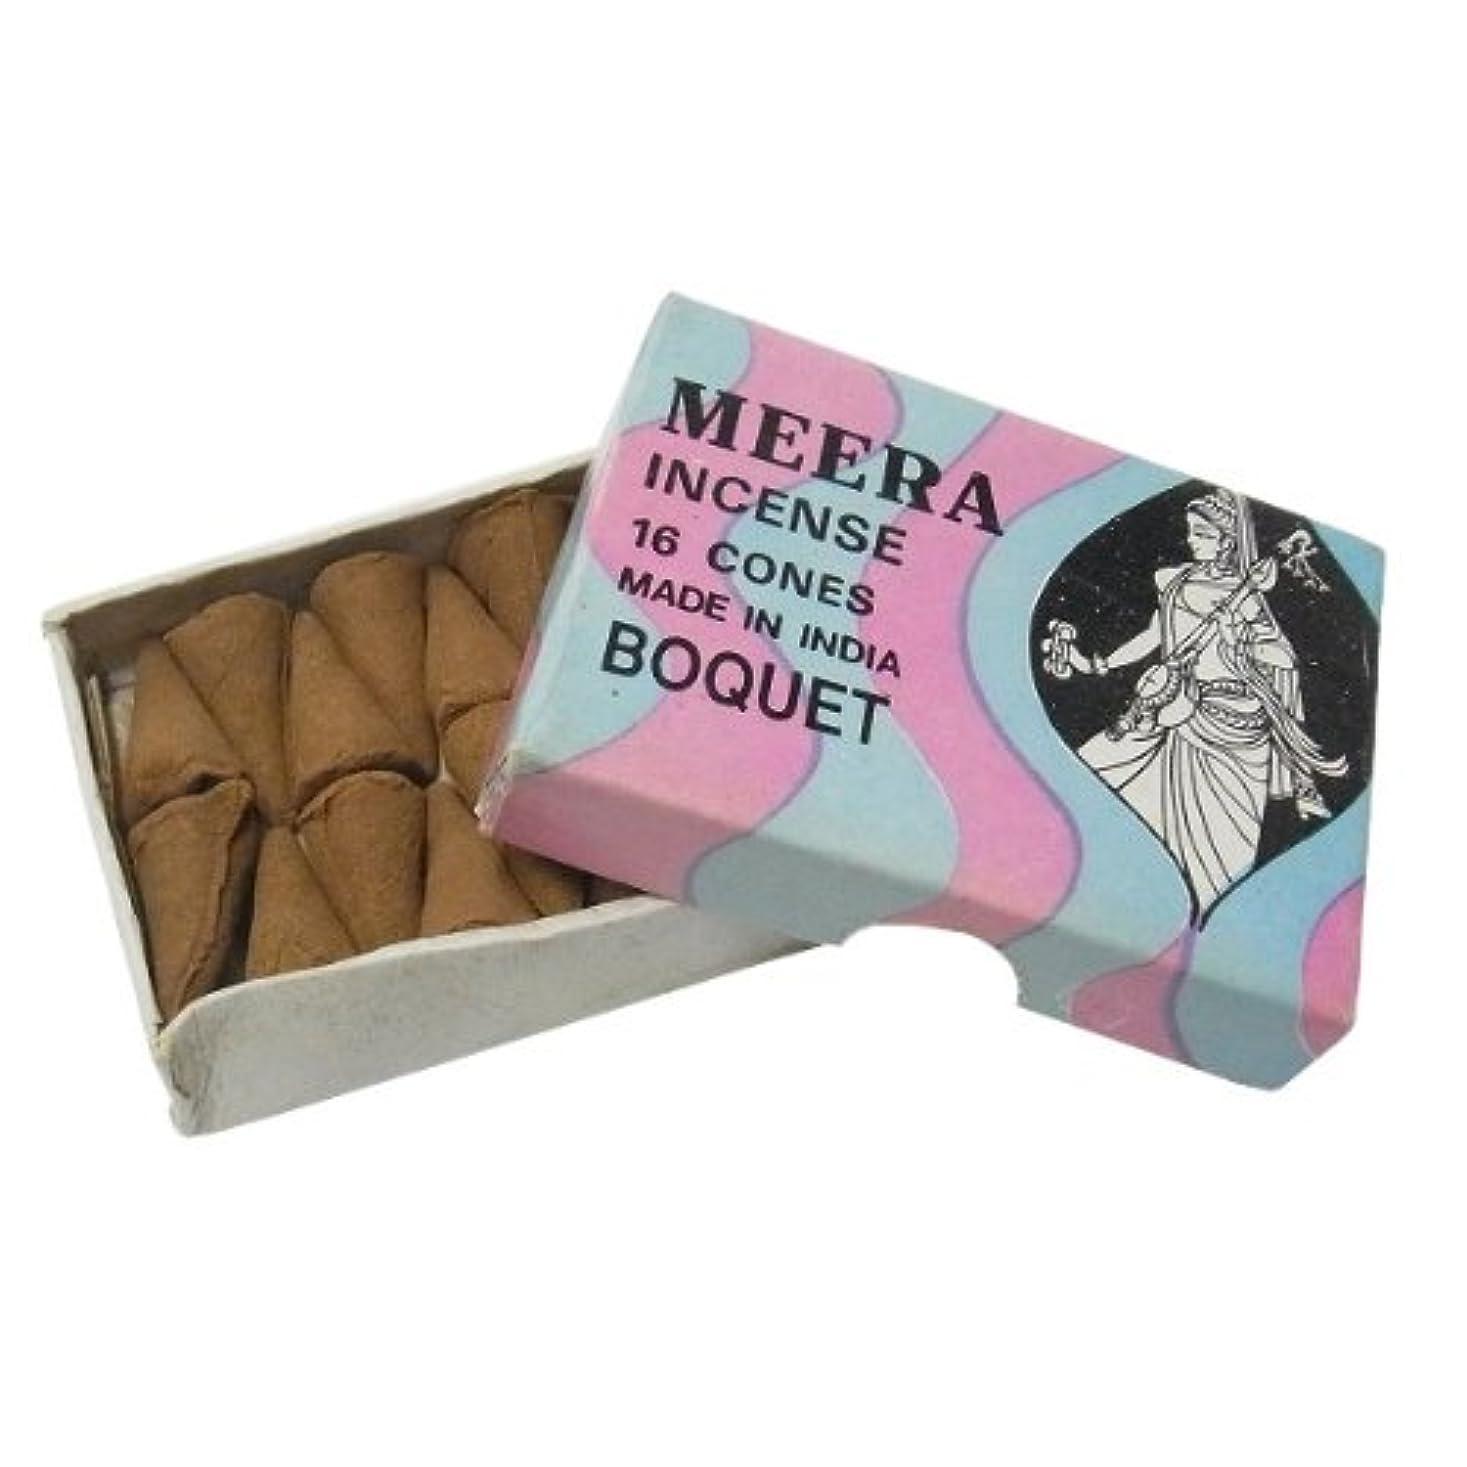 容器ストラップサイレンブーケのお香(MEERA) コーン型お香 インド香